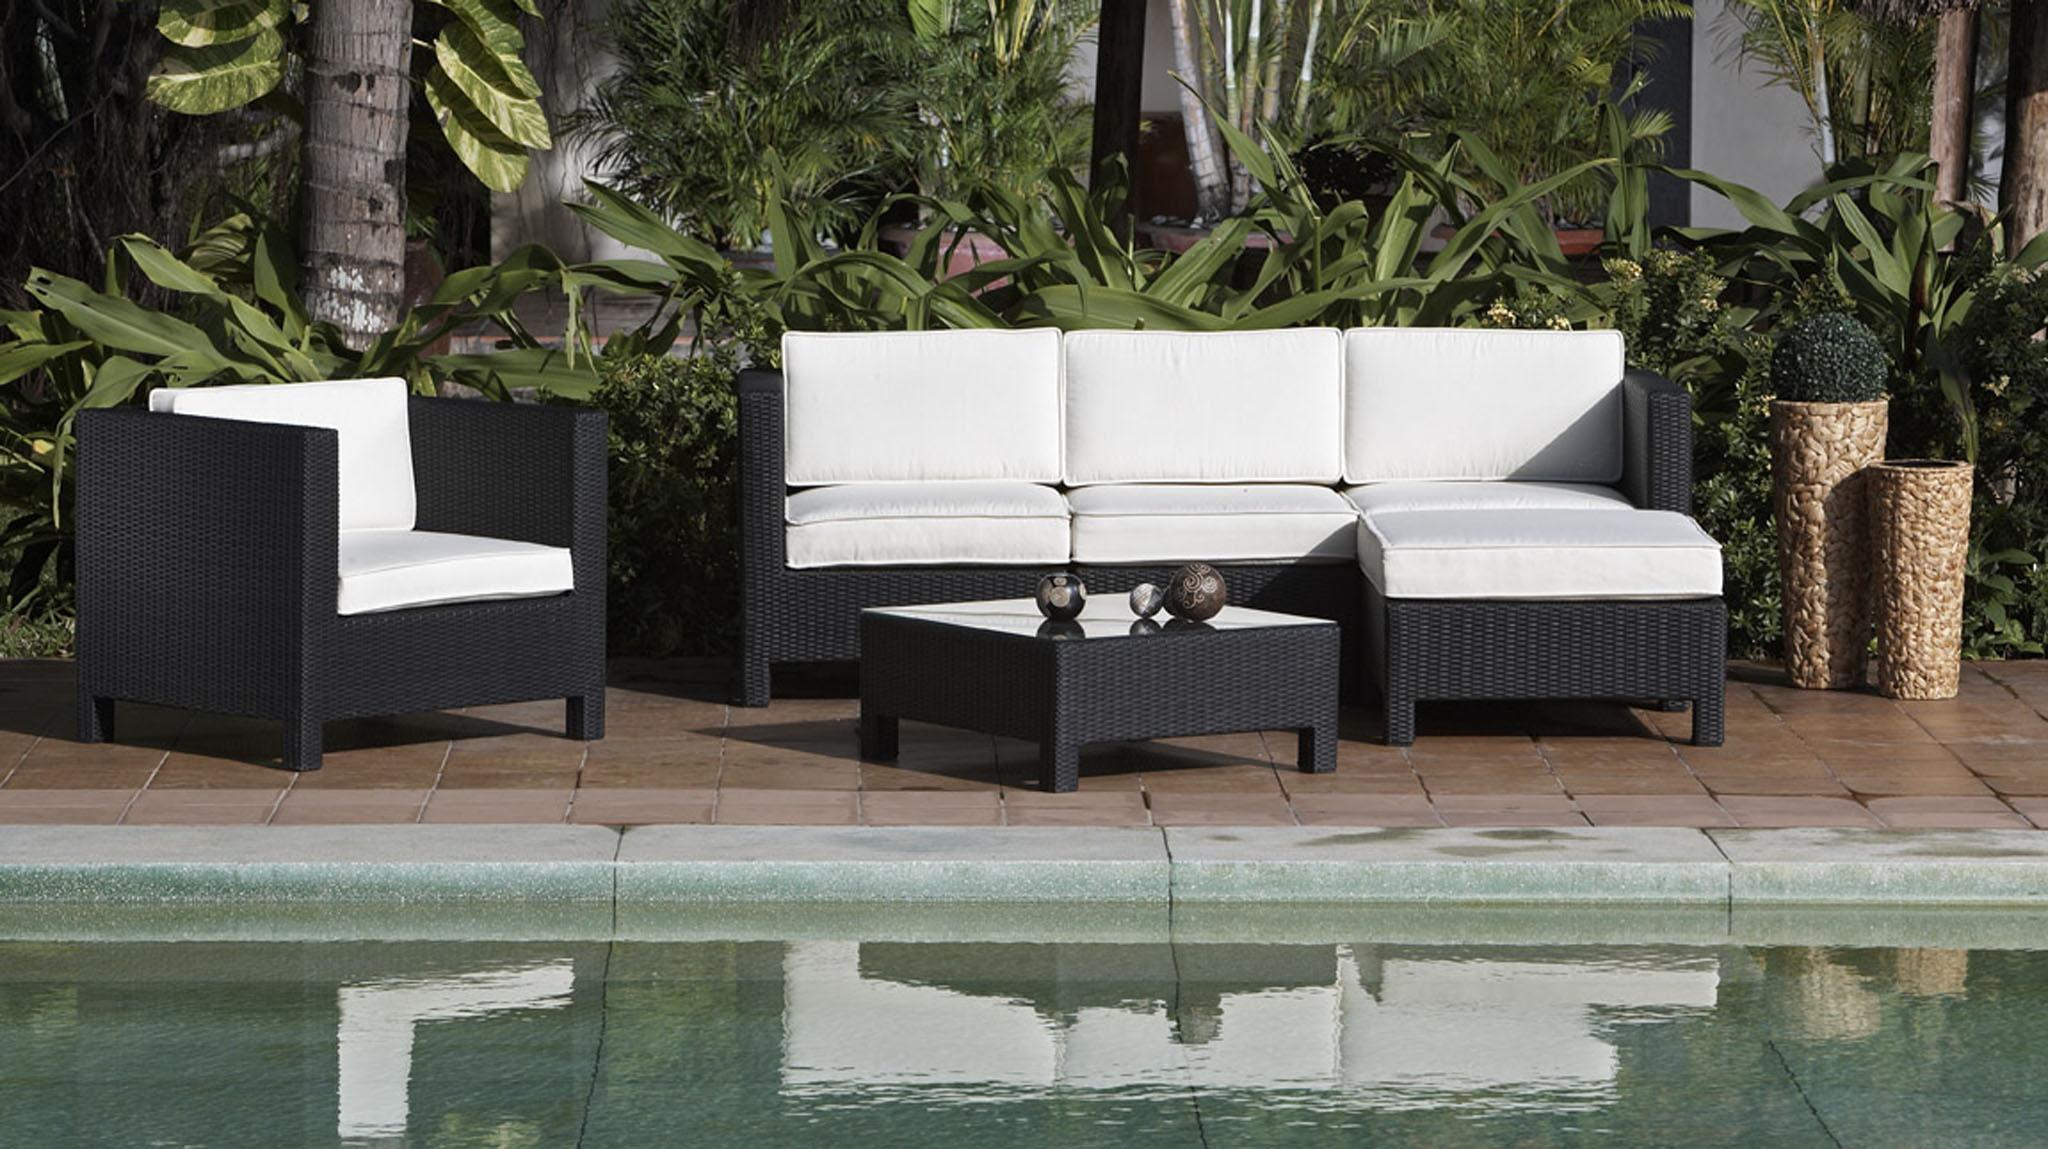 conforama salon de jardin dco salon moderne maroc tours rideau ahurissant salon de jardin pas. Black Bedroom Furniture Sets. Home Design Ideas